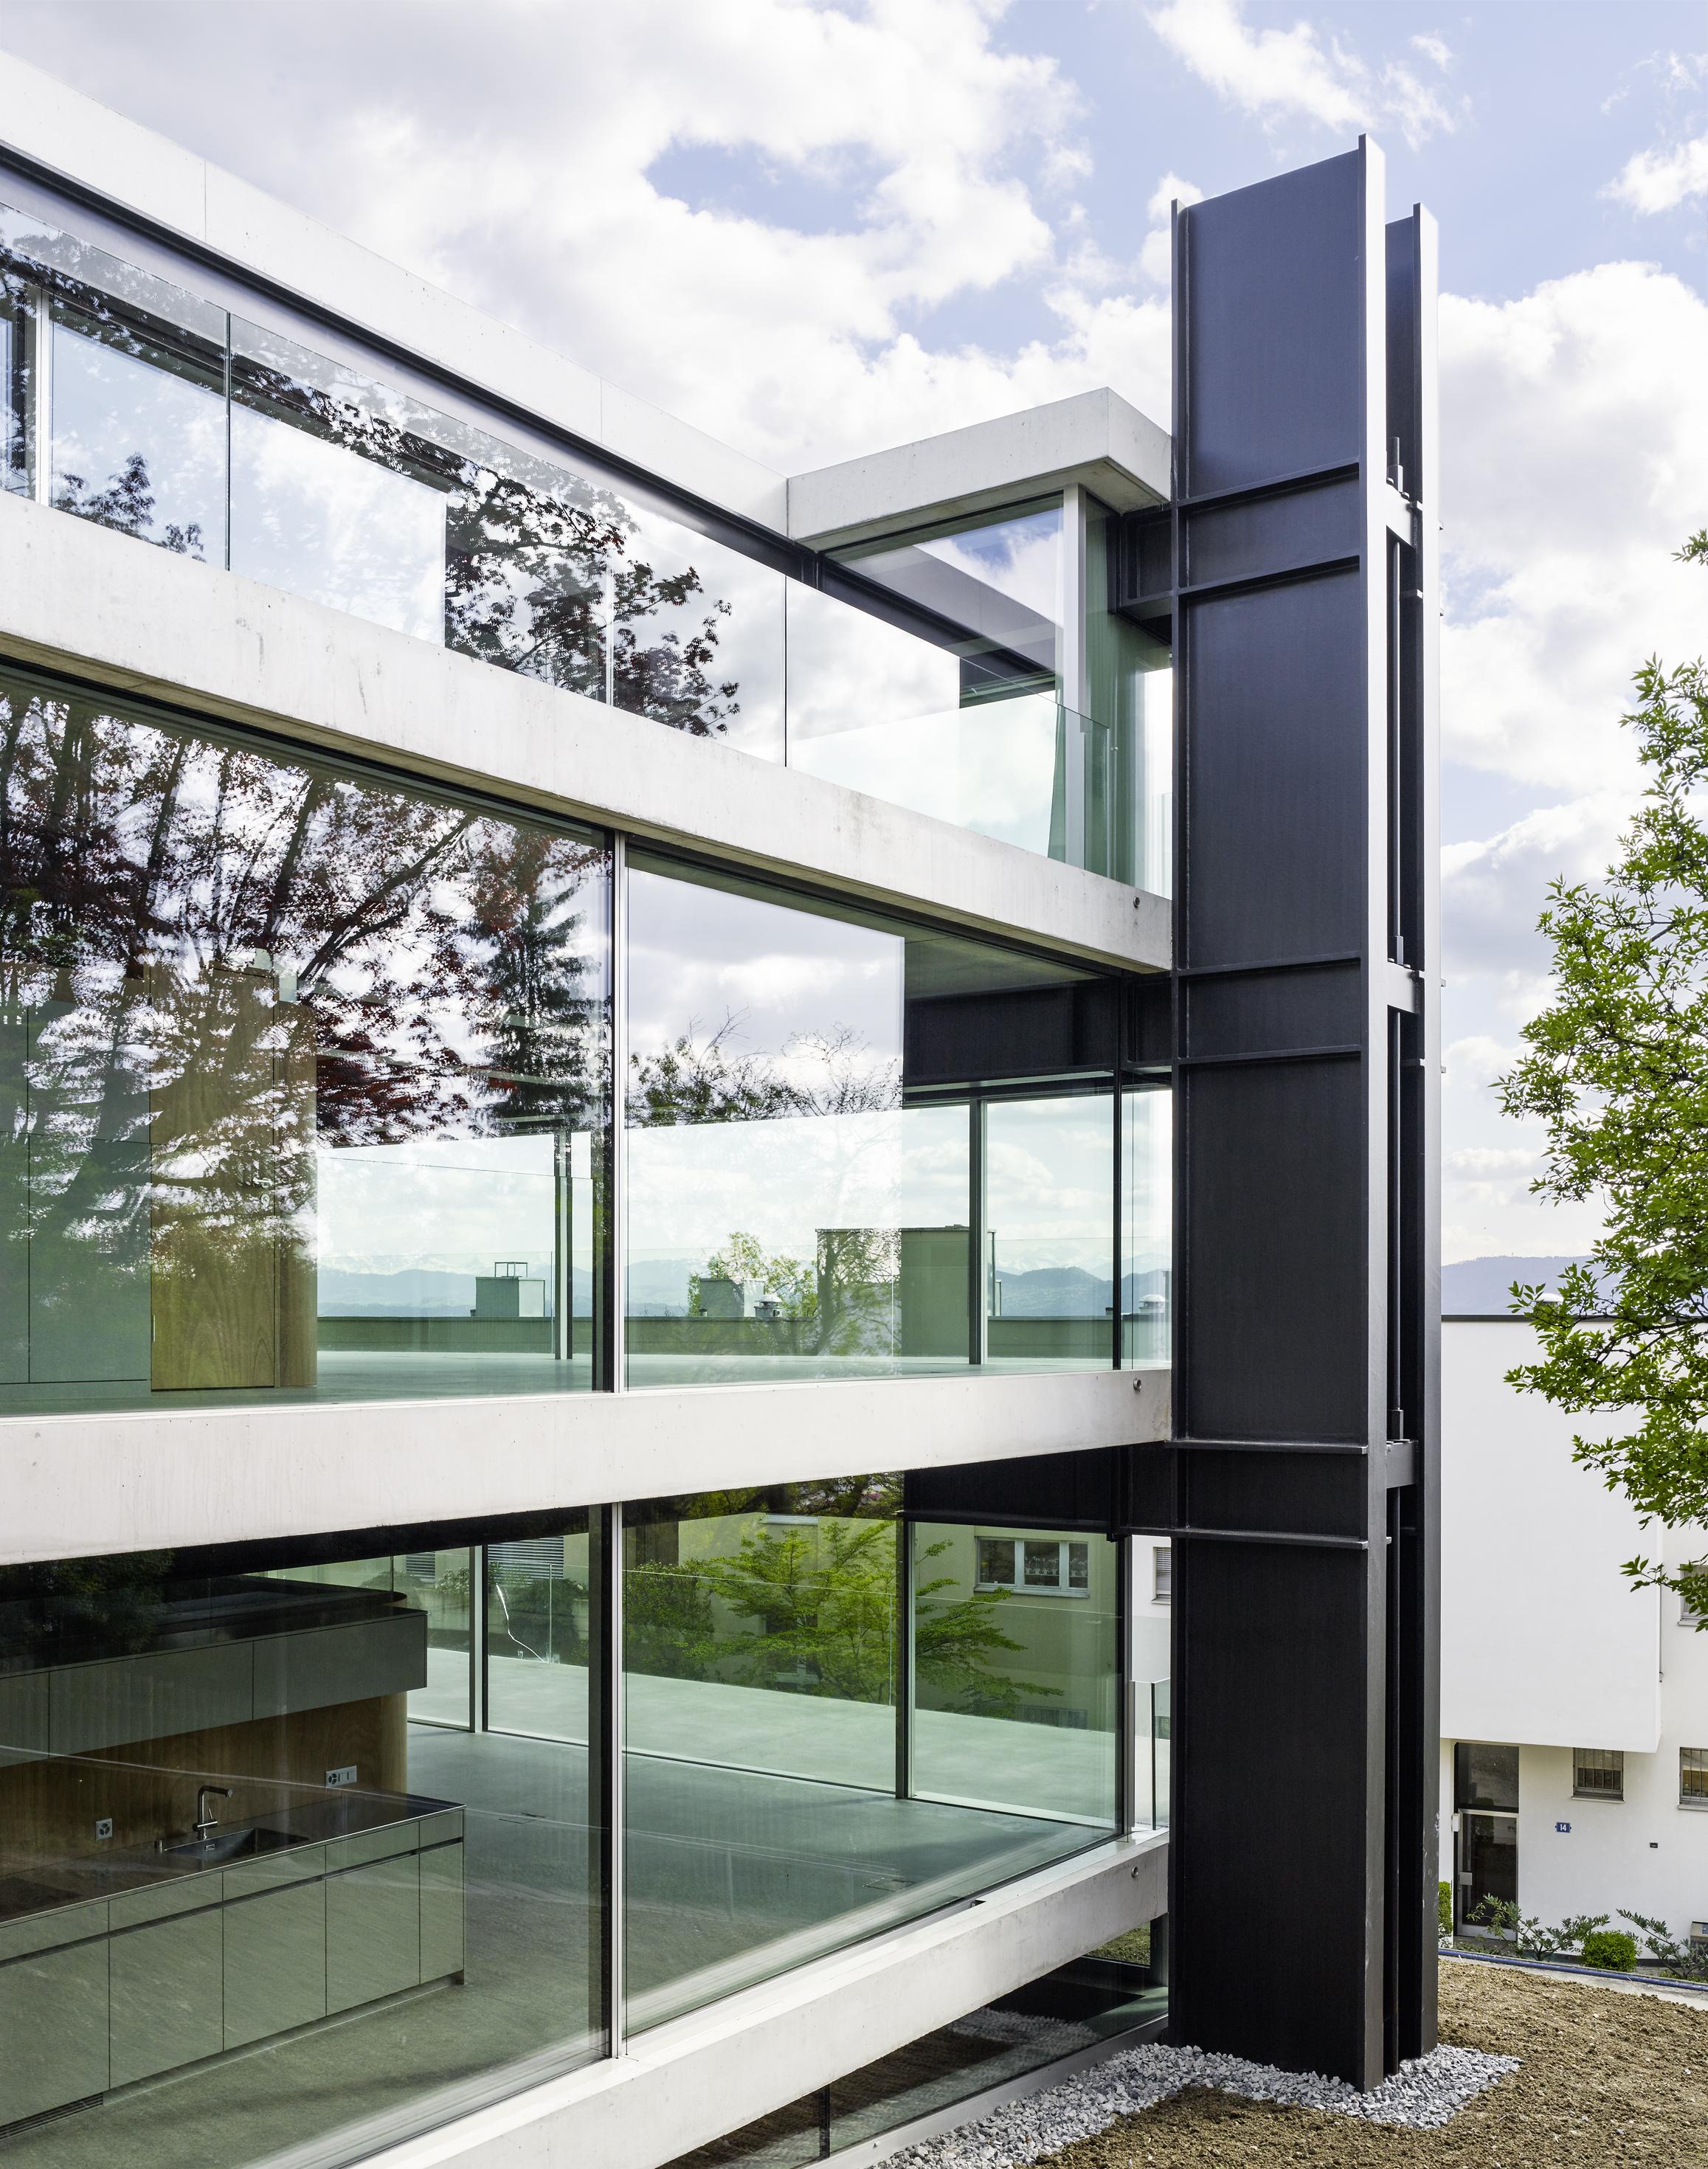 House with a Missing Column, Zurich, Switzerland, 2009 - 2014 Photographer: Georg Aerni